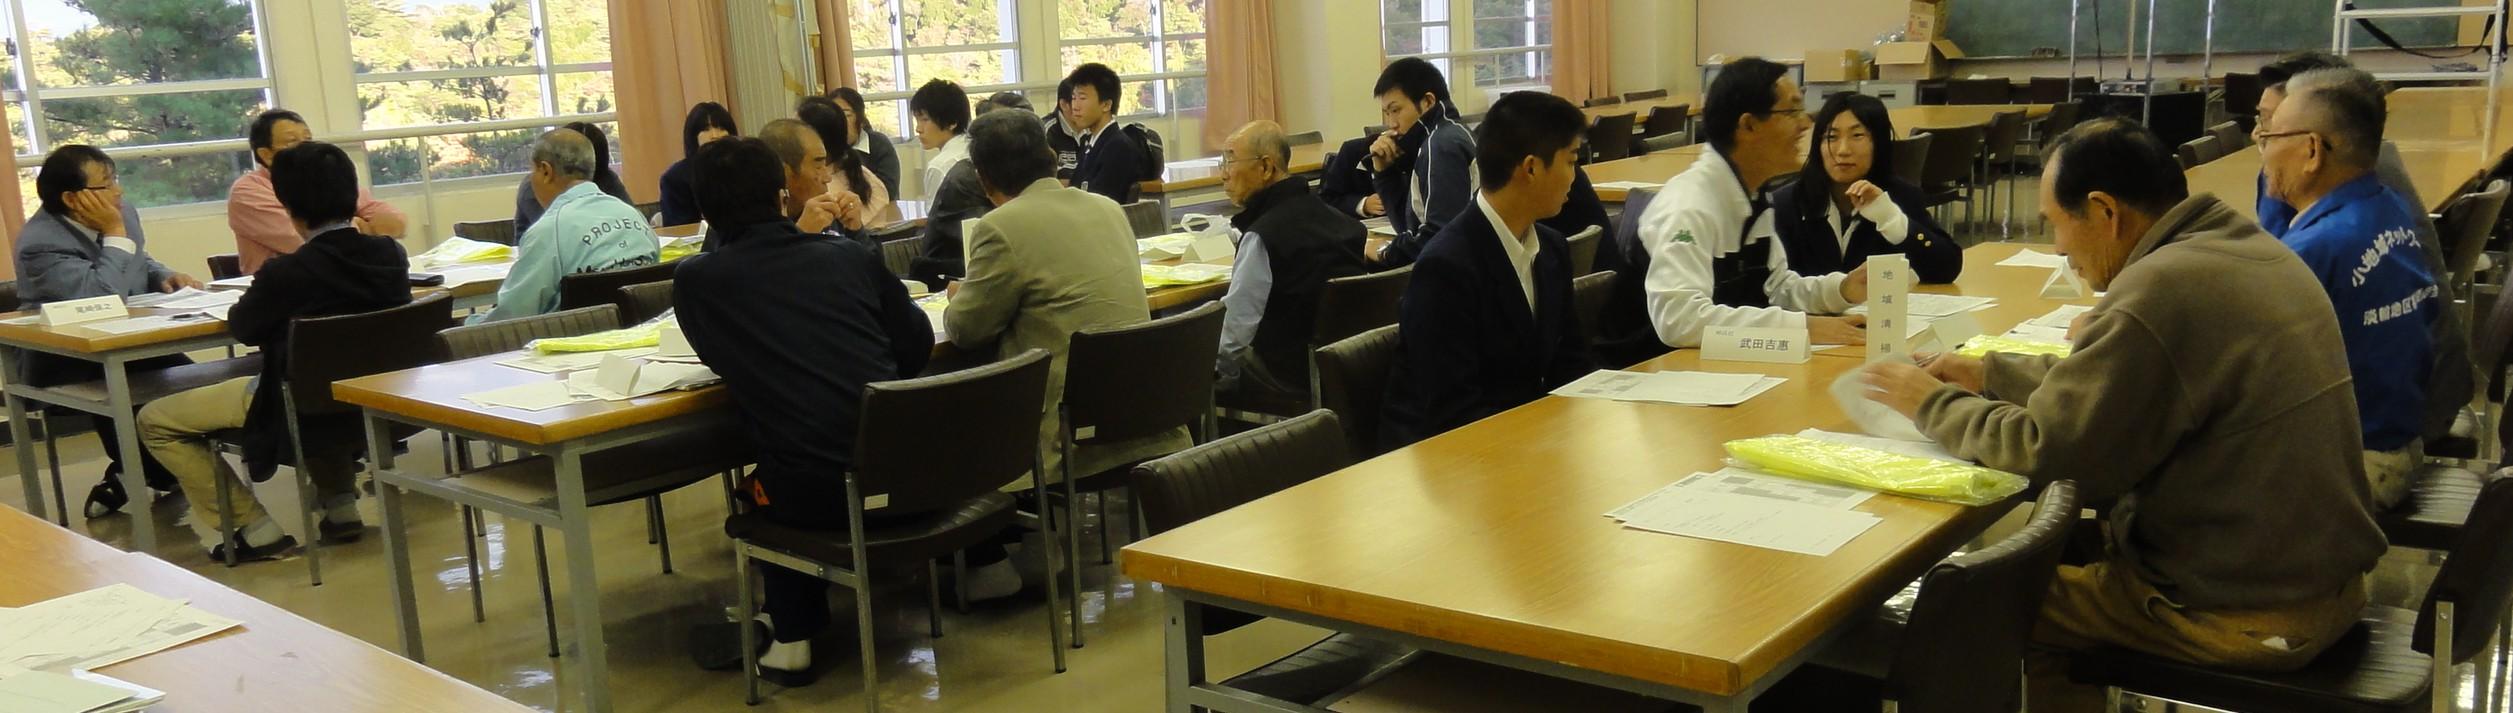 岬高校:第4回「MISAKIプロジェクト2010」連絡協議会_c0108460_211558.jpg